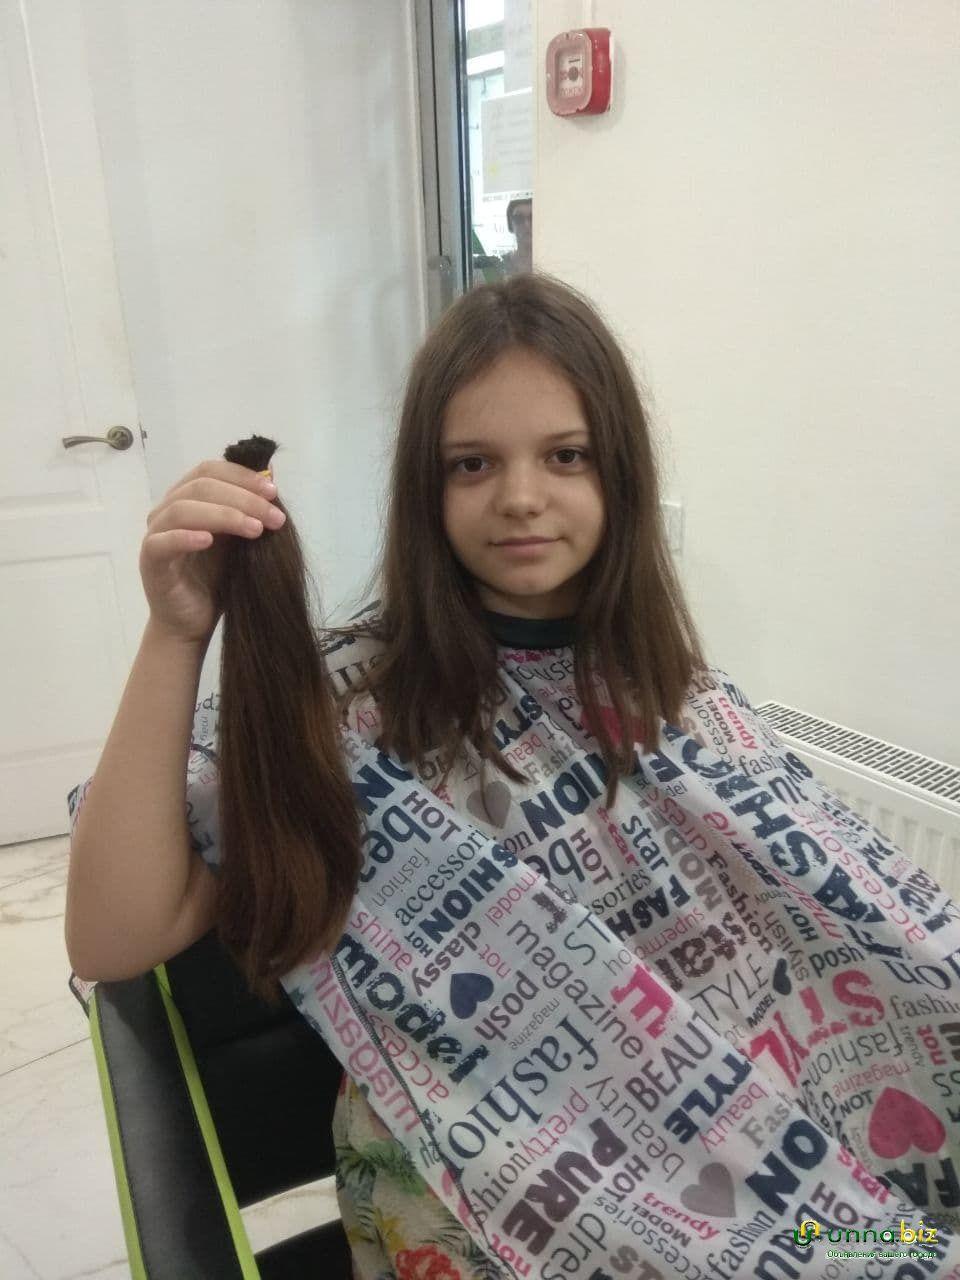 Продать волосы в Кривом Роге дорого.Стрижка в подарок.